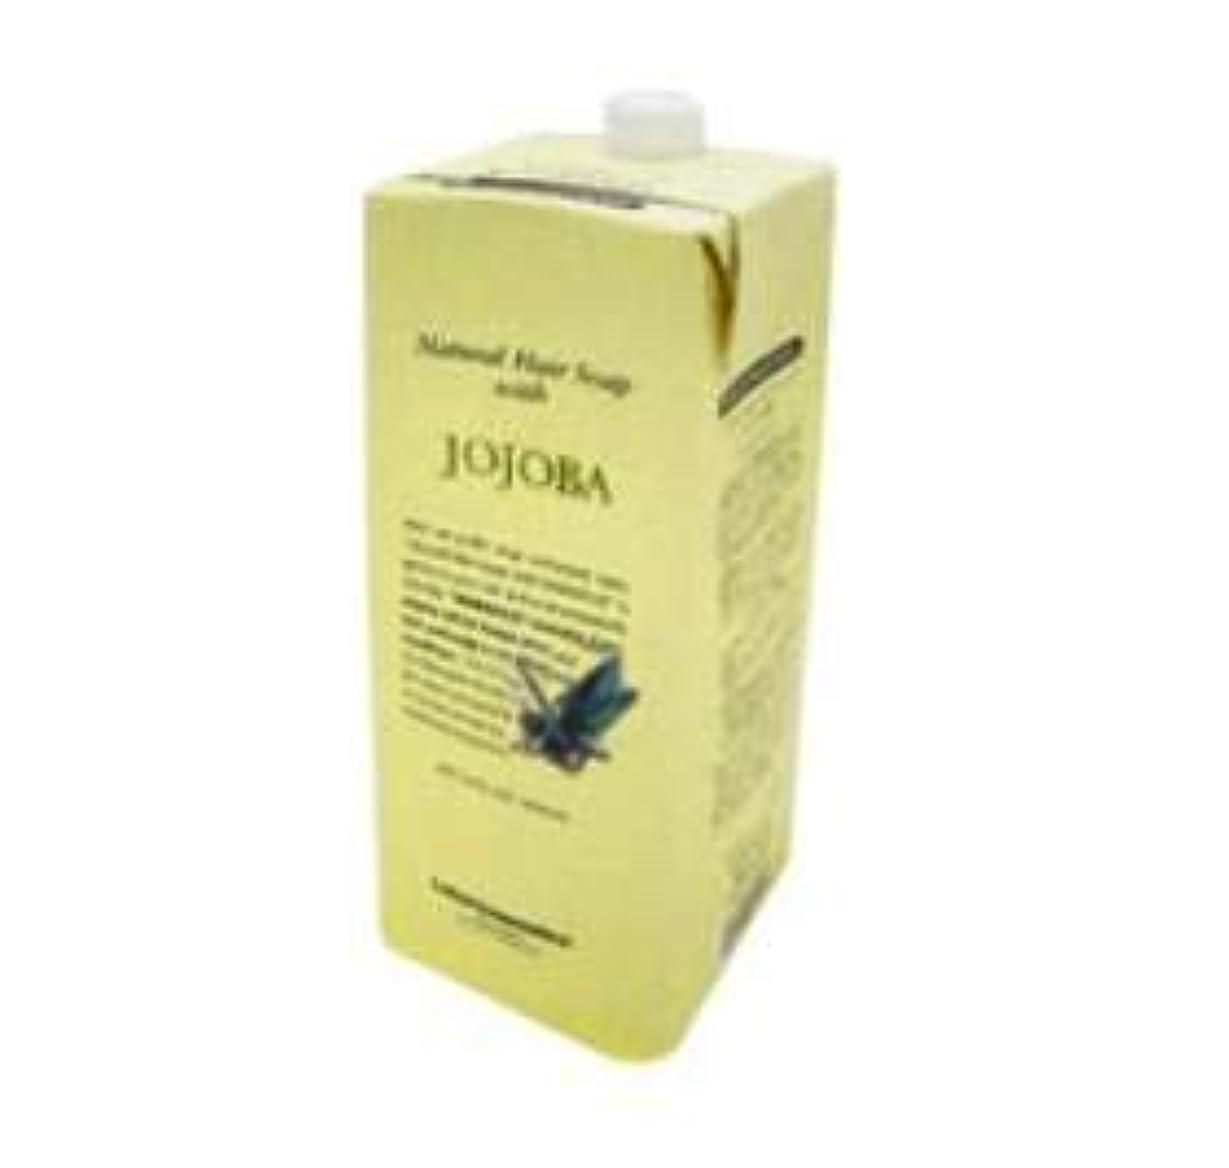 農民アレルギー無力ルベル ナチュラル ヘア ソープ ウィズ JO(ホホバ)1600ml 詰替え用